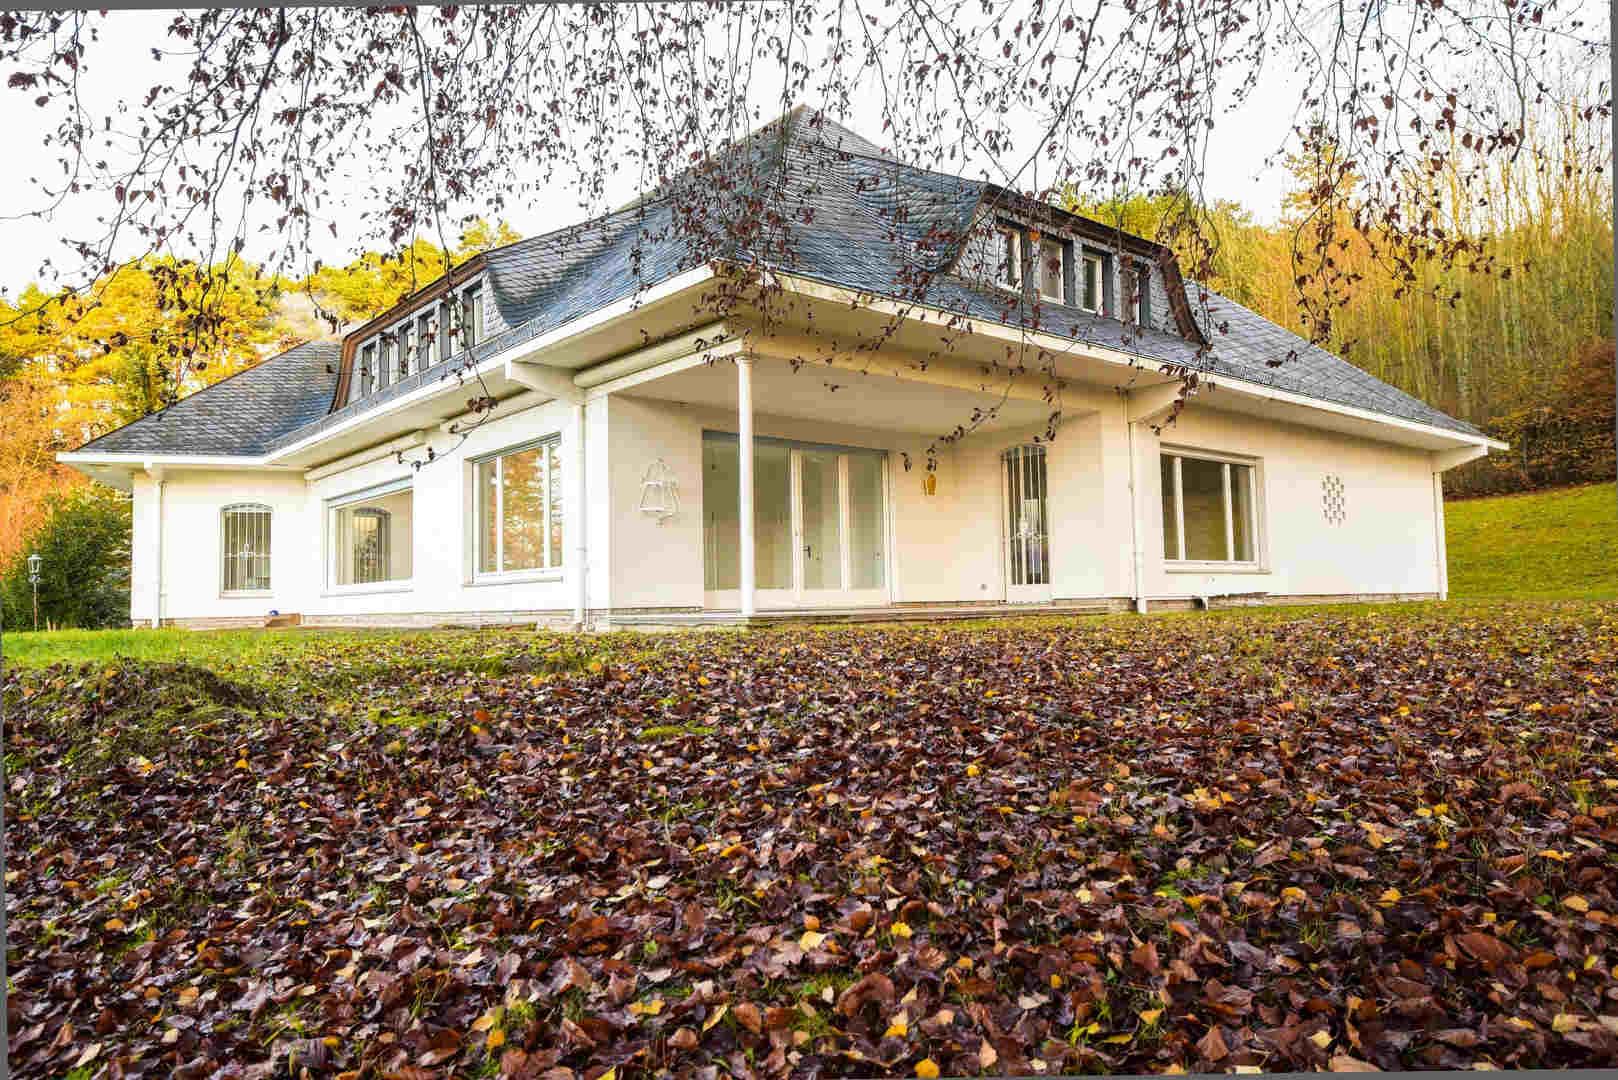 christian-fexer-immobilien wuerzburg-villa-kaufen-bad-kissingen-hausansicht-vorderseite_2017-01_001